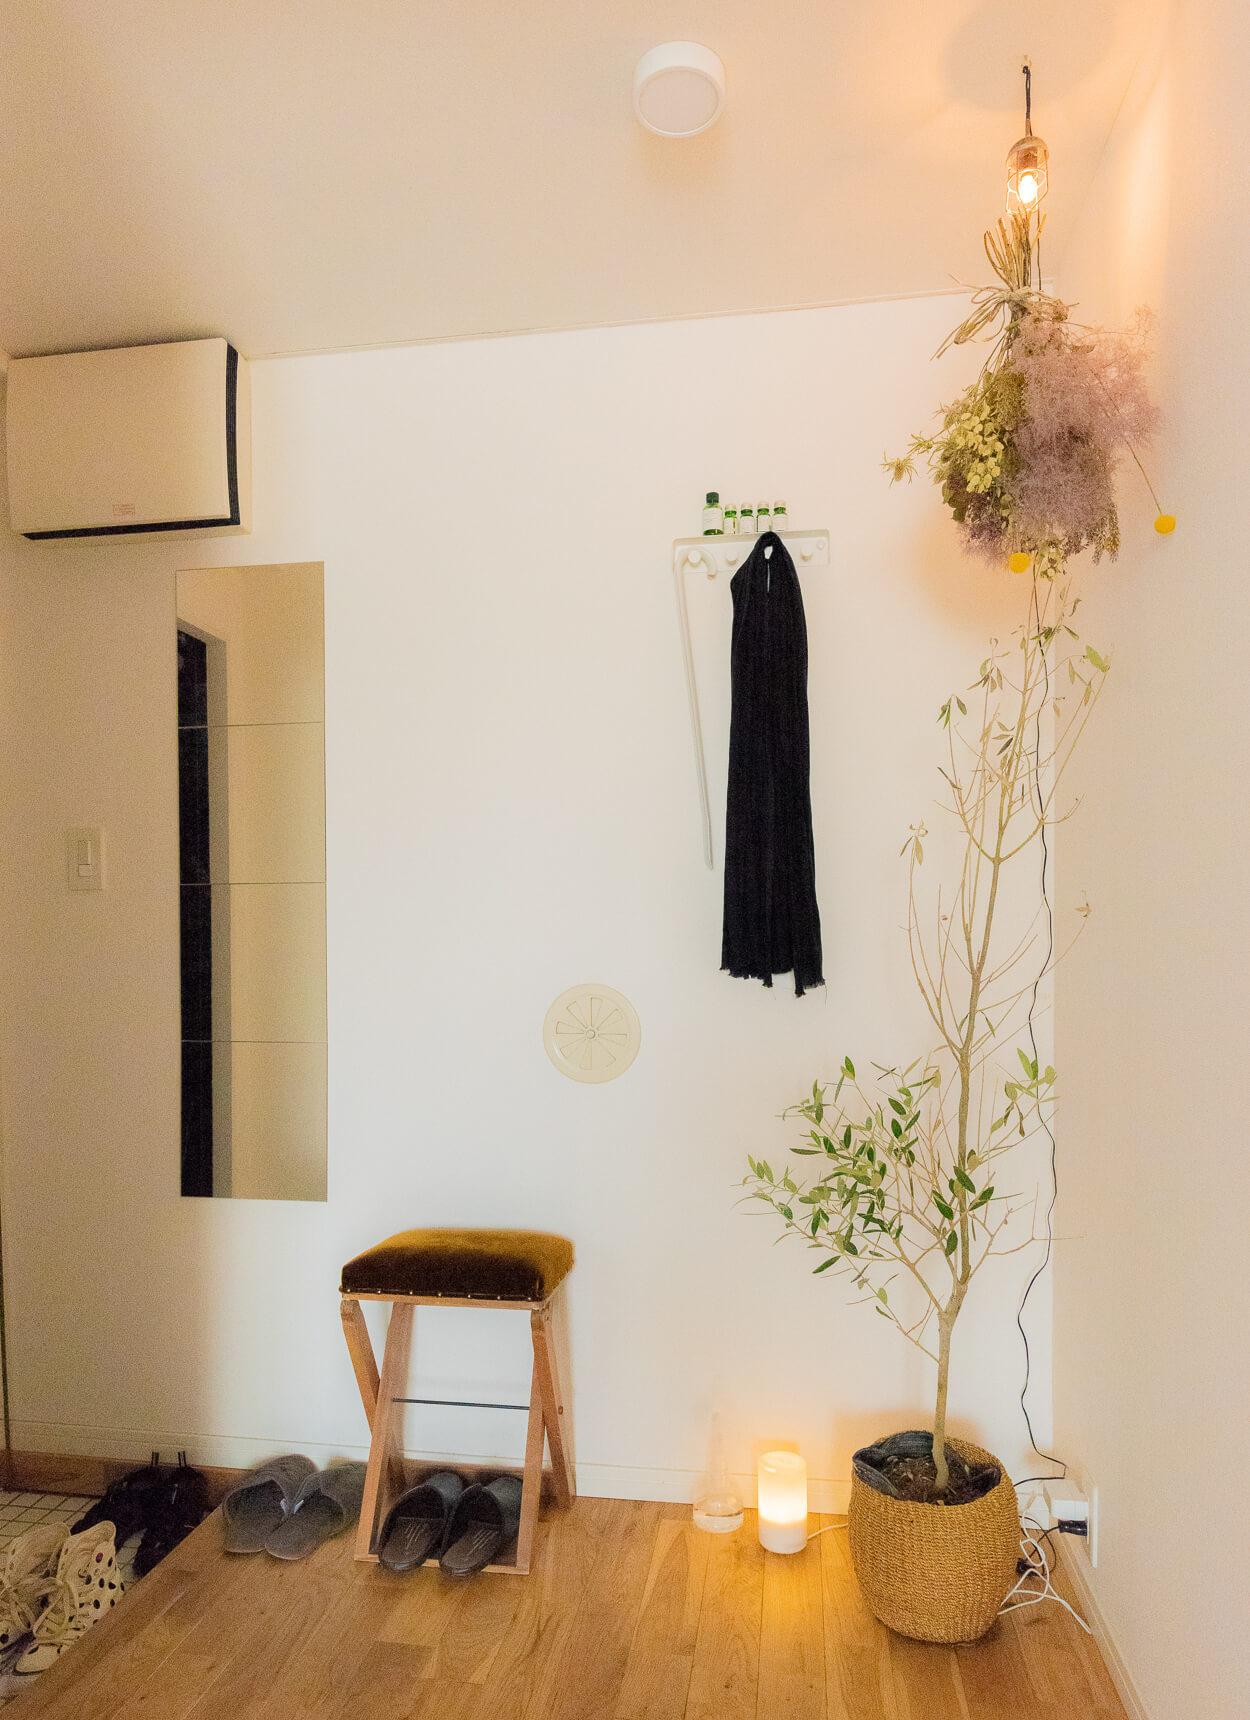 お部屋の第一印象を決める「玄関」。グリーンやドライフラワーを置いて、華やかに迎えてあげると良さそう。アロマディフューザーを置いて、香りも意識してみてもいいですね。ラダーラックやスツール、壁掛けフックなどを使って、省スペースでもできるディスプレイを楽しむこともできそう。